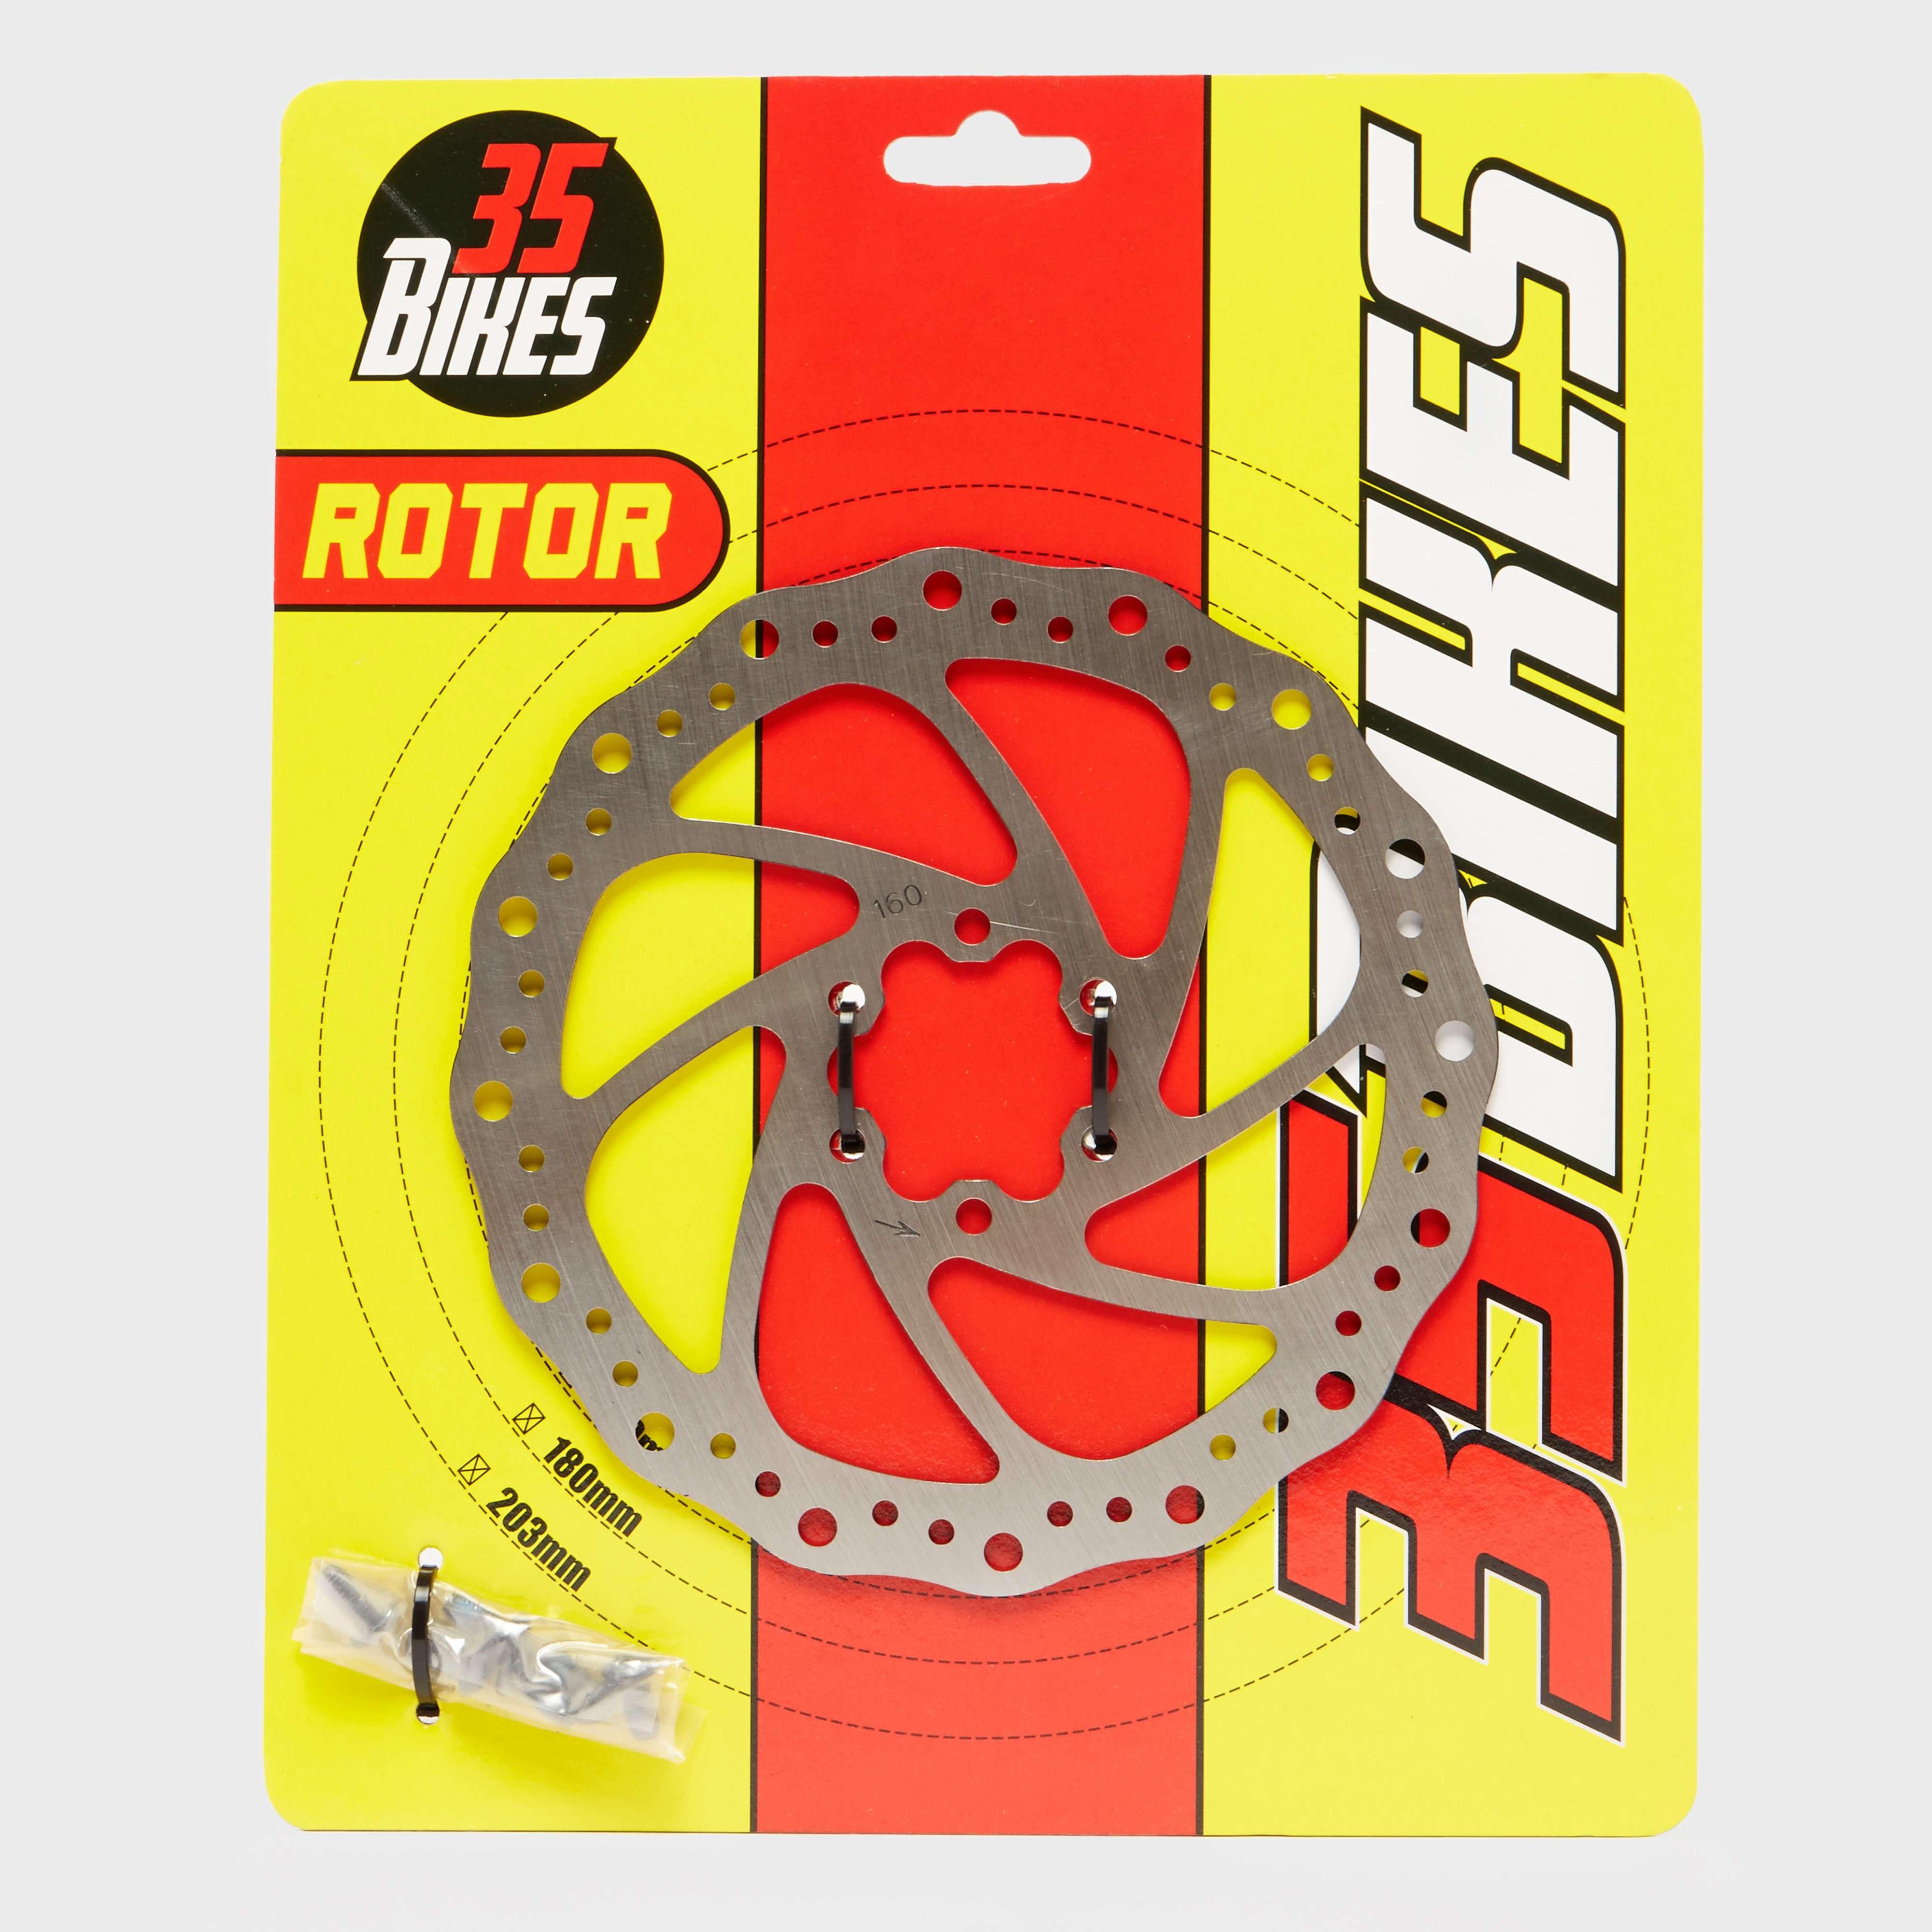 35 BIKES Disc Rotor 160mm